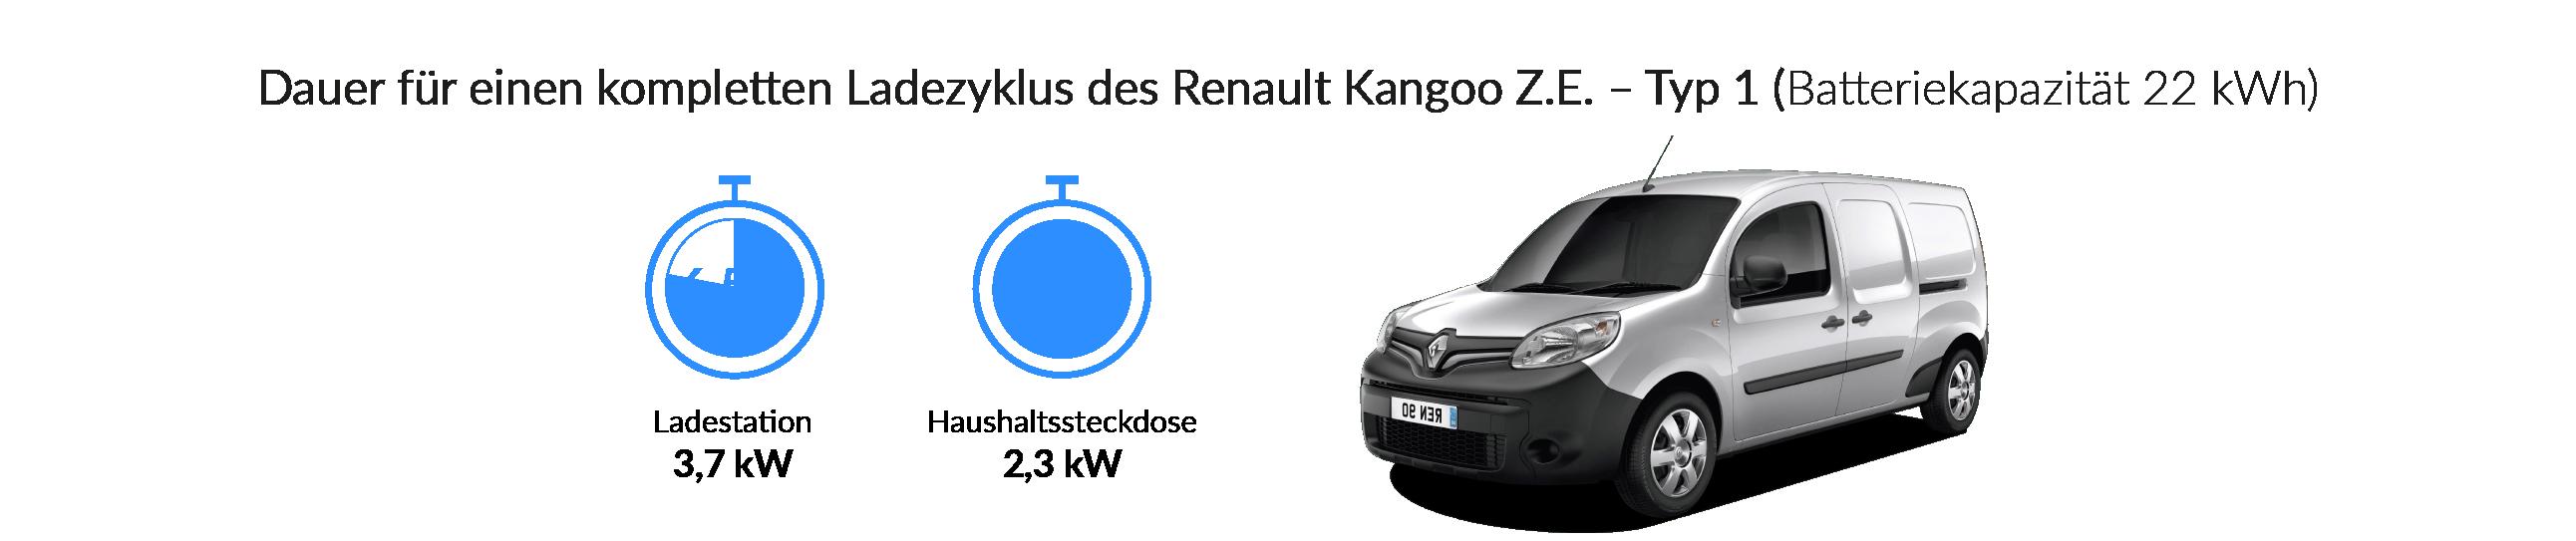 Ladezeiten für den Renault Kangoo Z.E. (Typ 1)